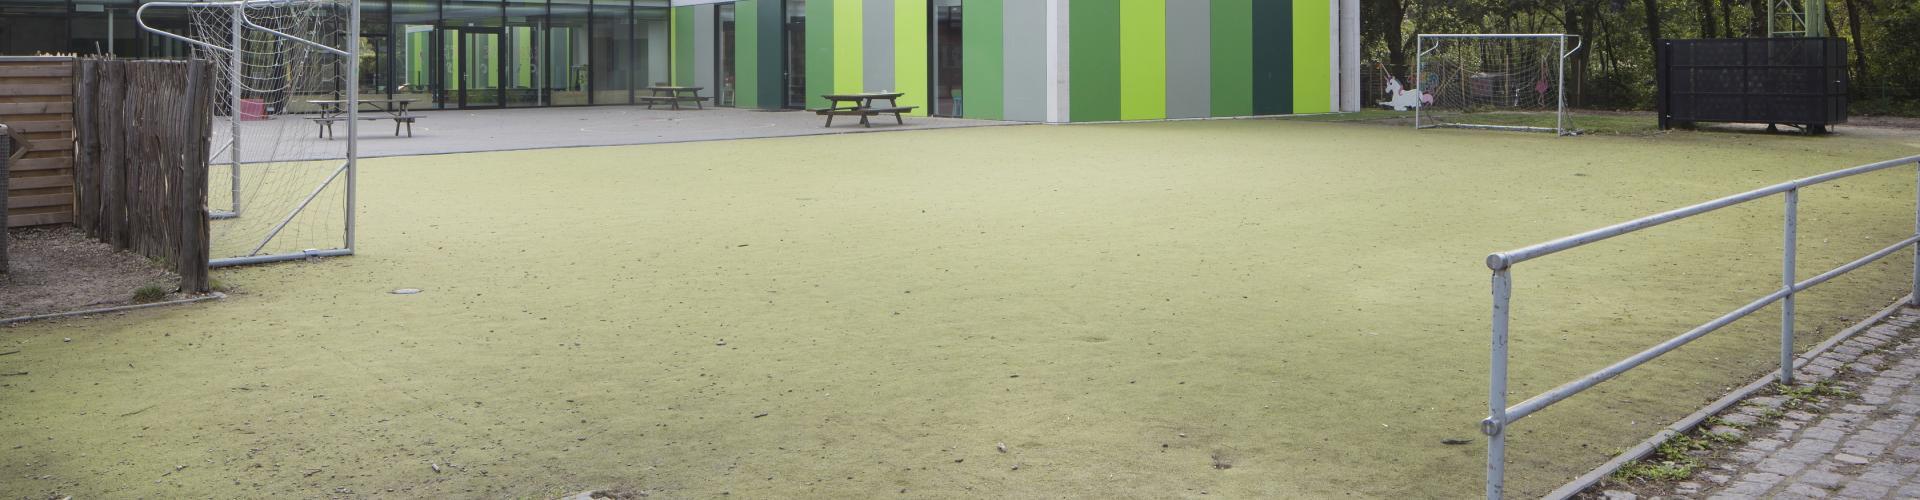 Gemeentelijke Basisschool De Toverberg Kampenhout